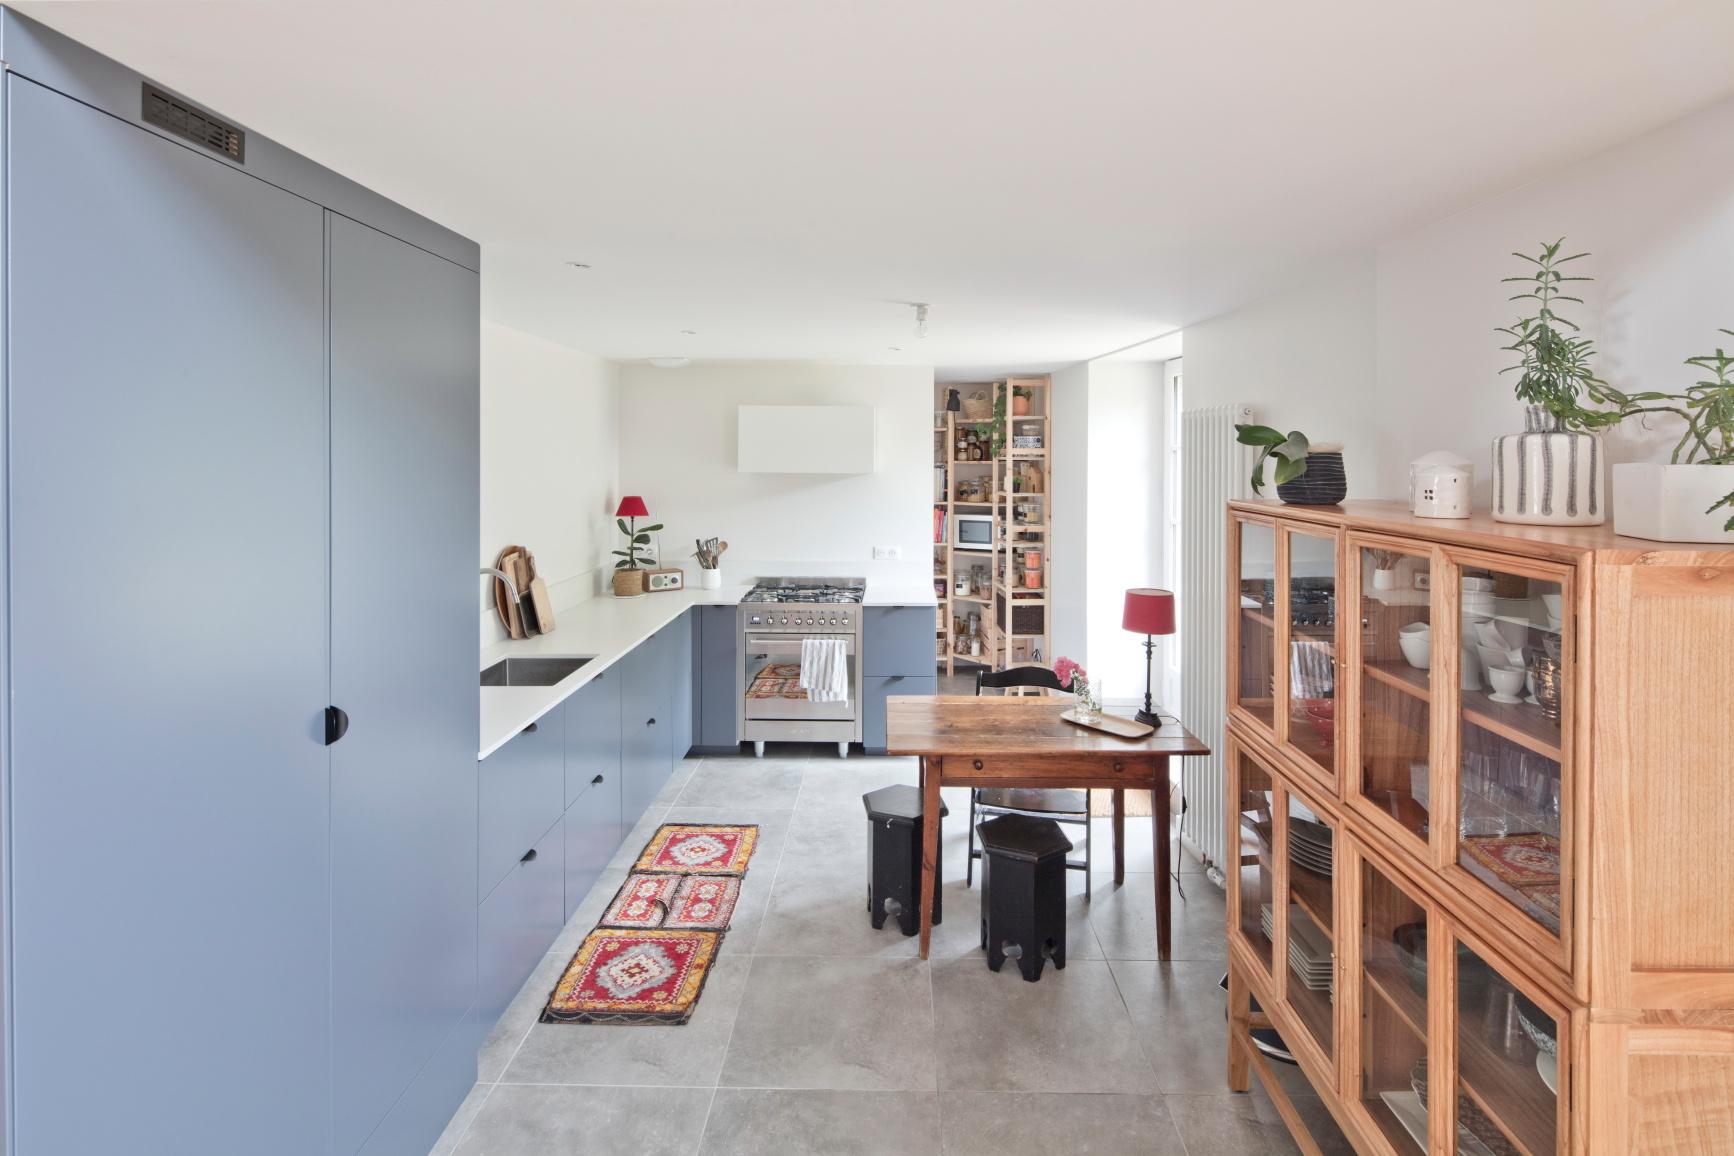 rénovation d'une maison à Nantes, vue de la cuisine avec du carrelage grande taille imitation béton